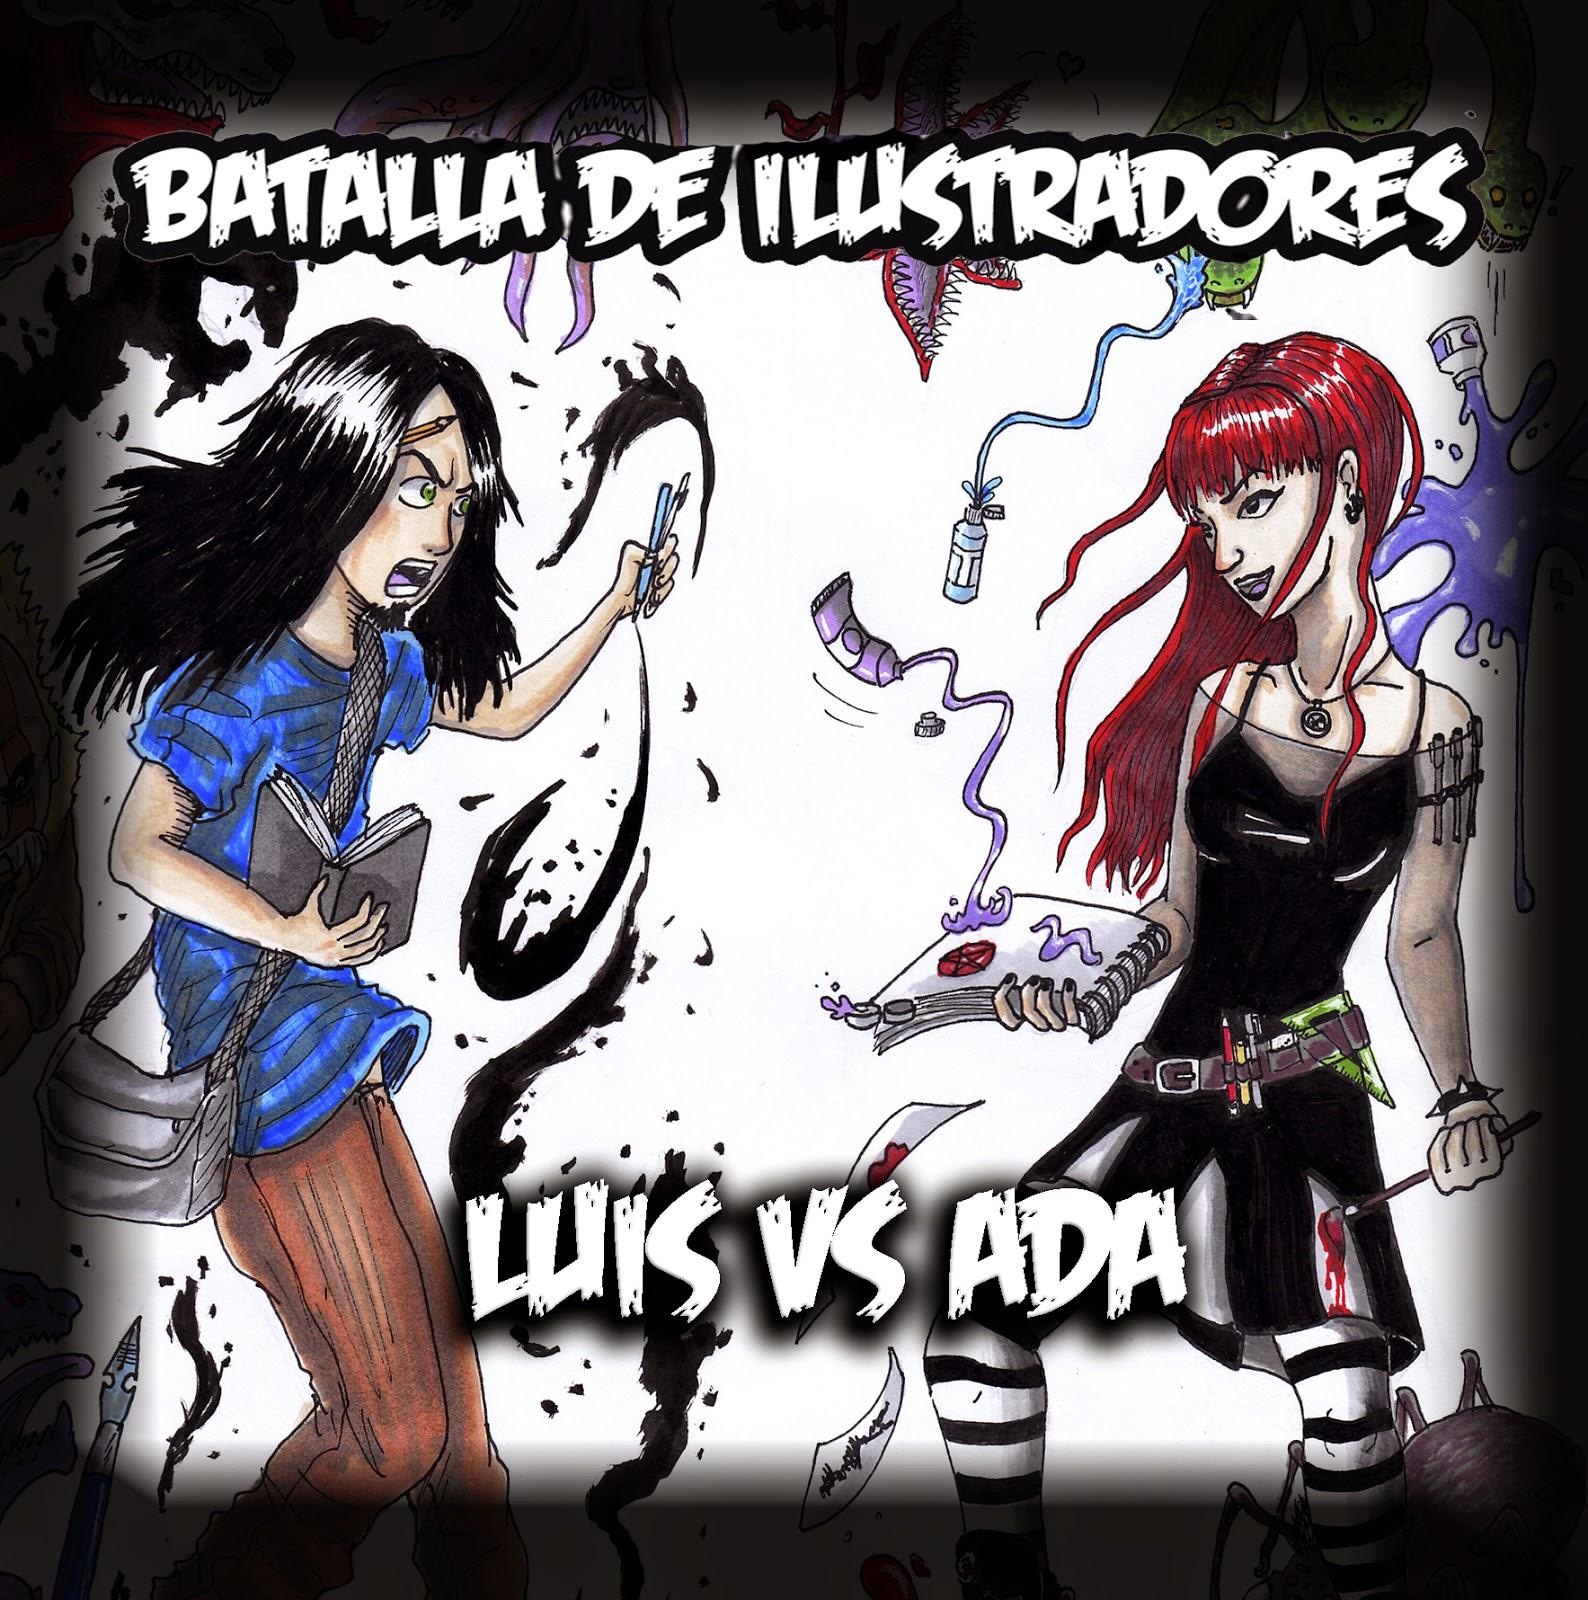 http://luisocs-comics.blogspot.com.es/p/batalla-de-ilustradores-ada-vs-luis.html